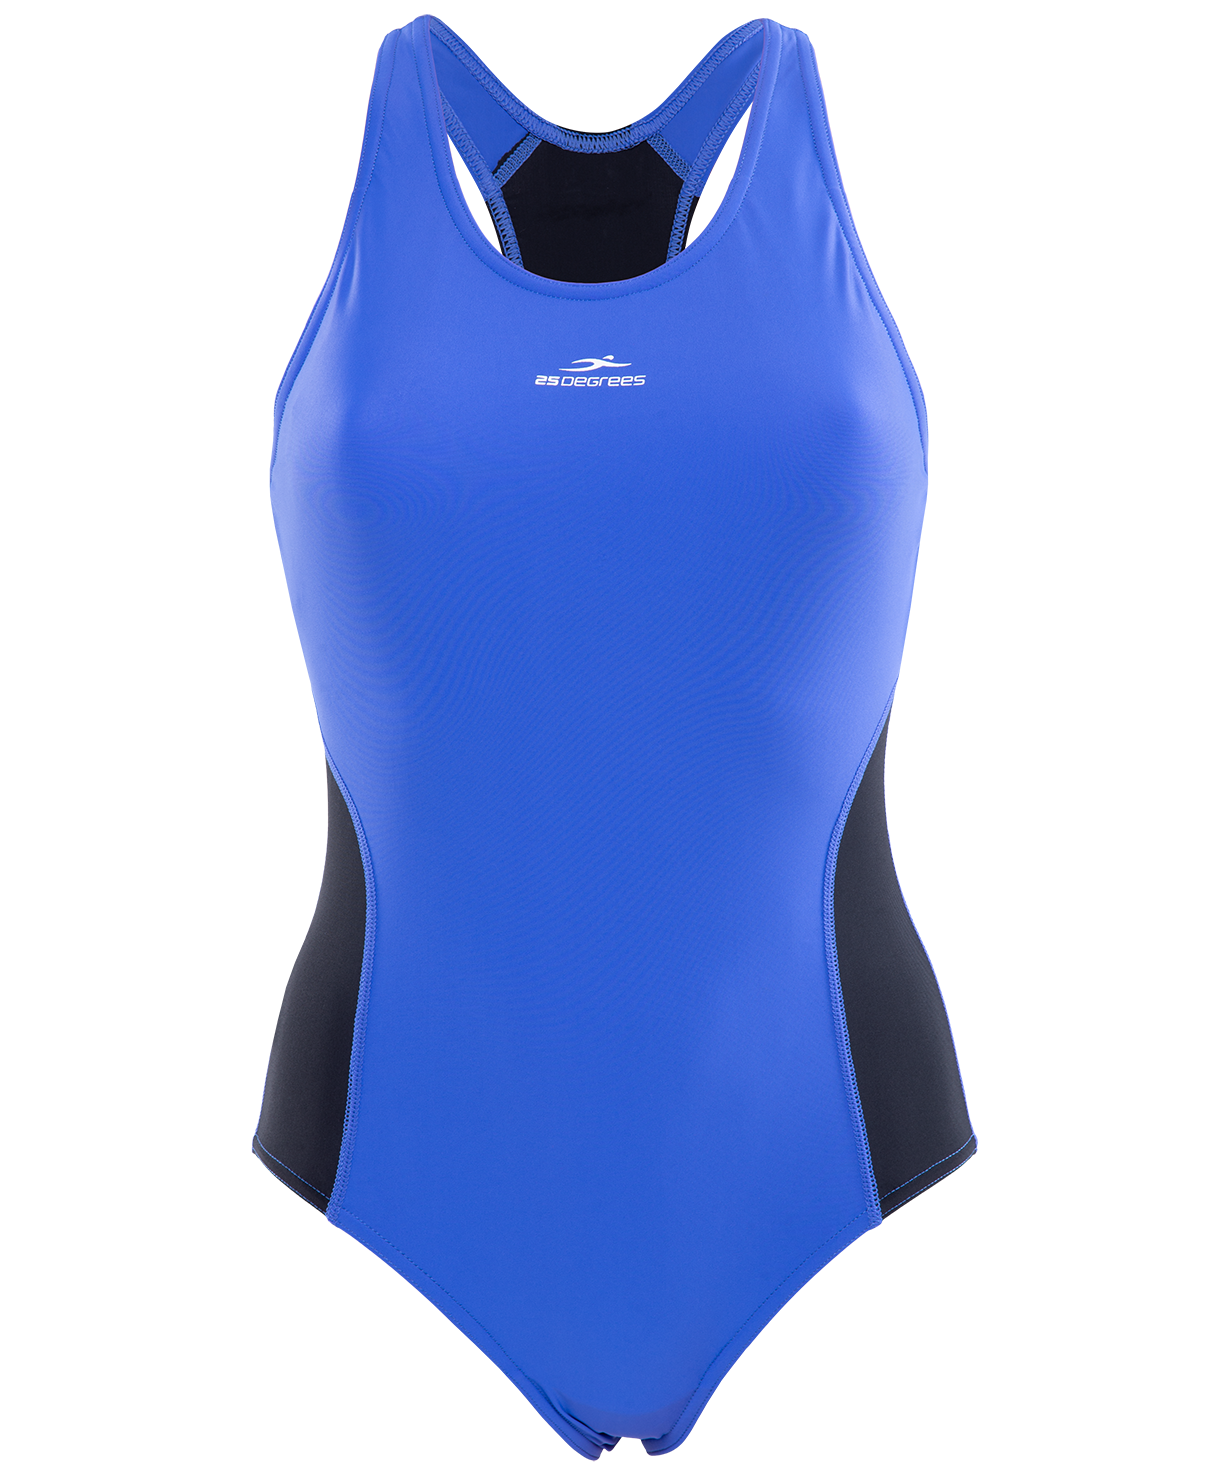 Купальник для плавания 25Degrees Harmony Blue,